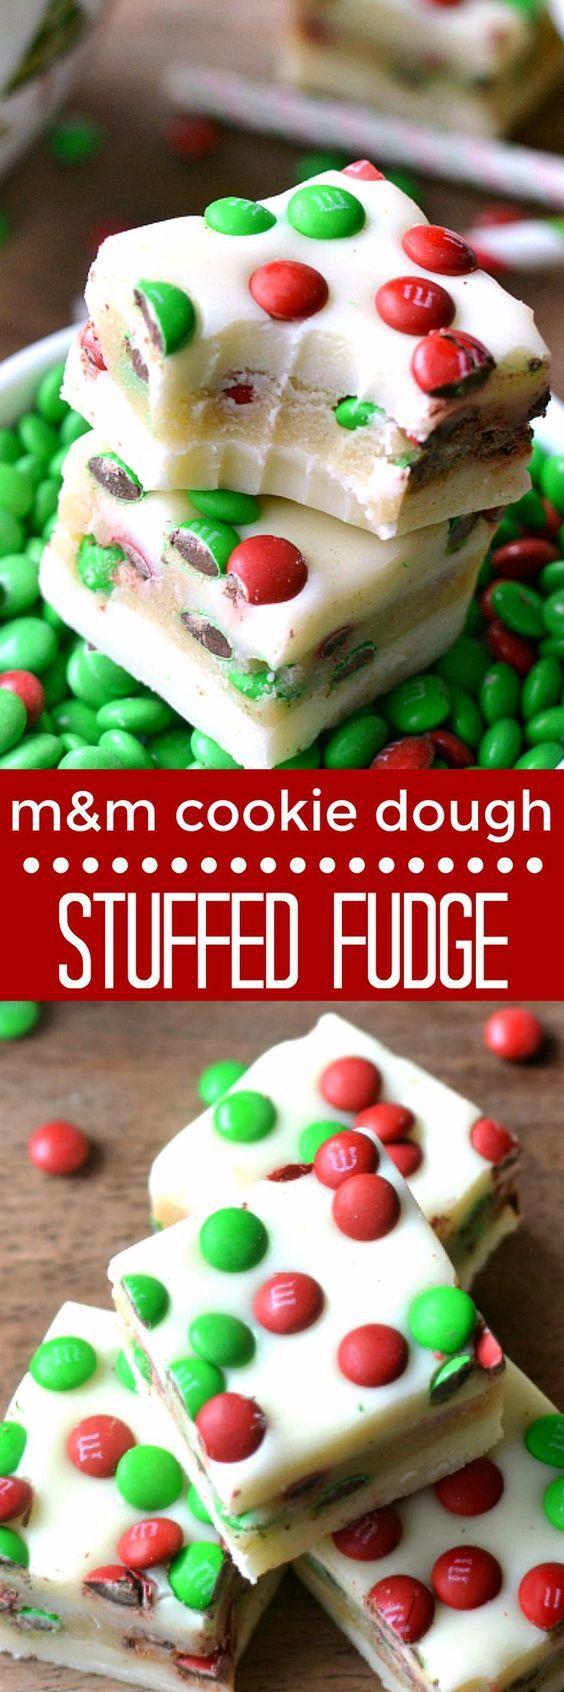 M&M Cookie Dough Stuffed Fudge